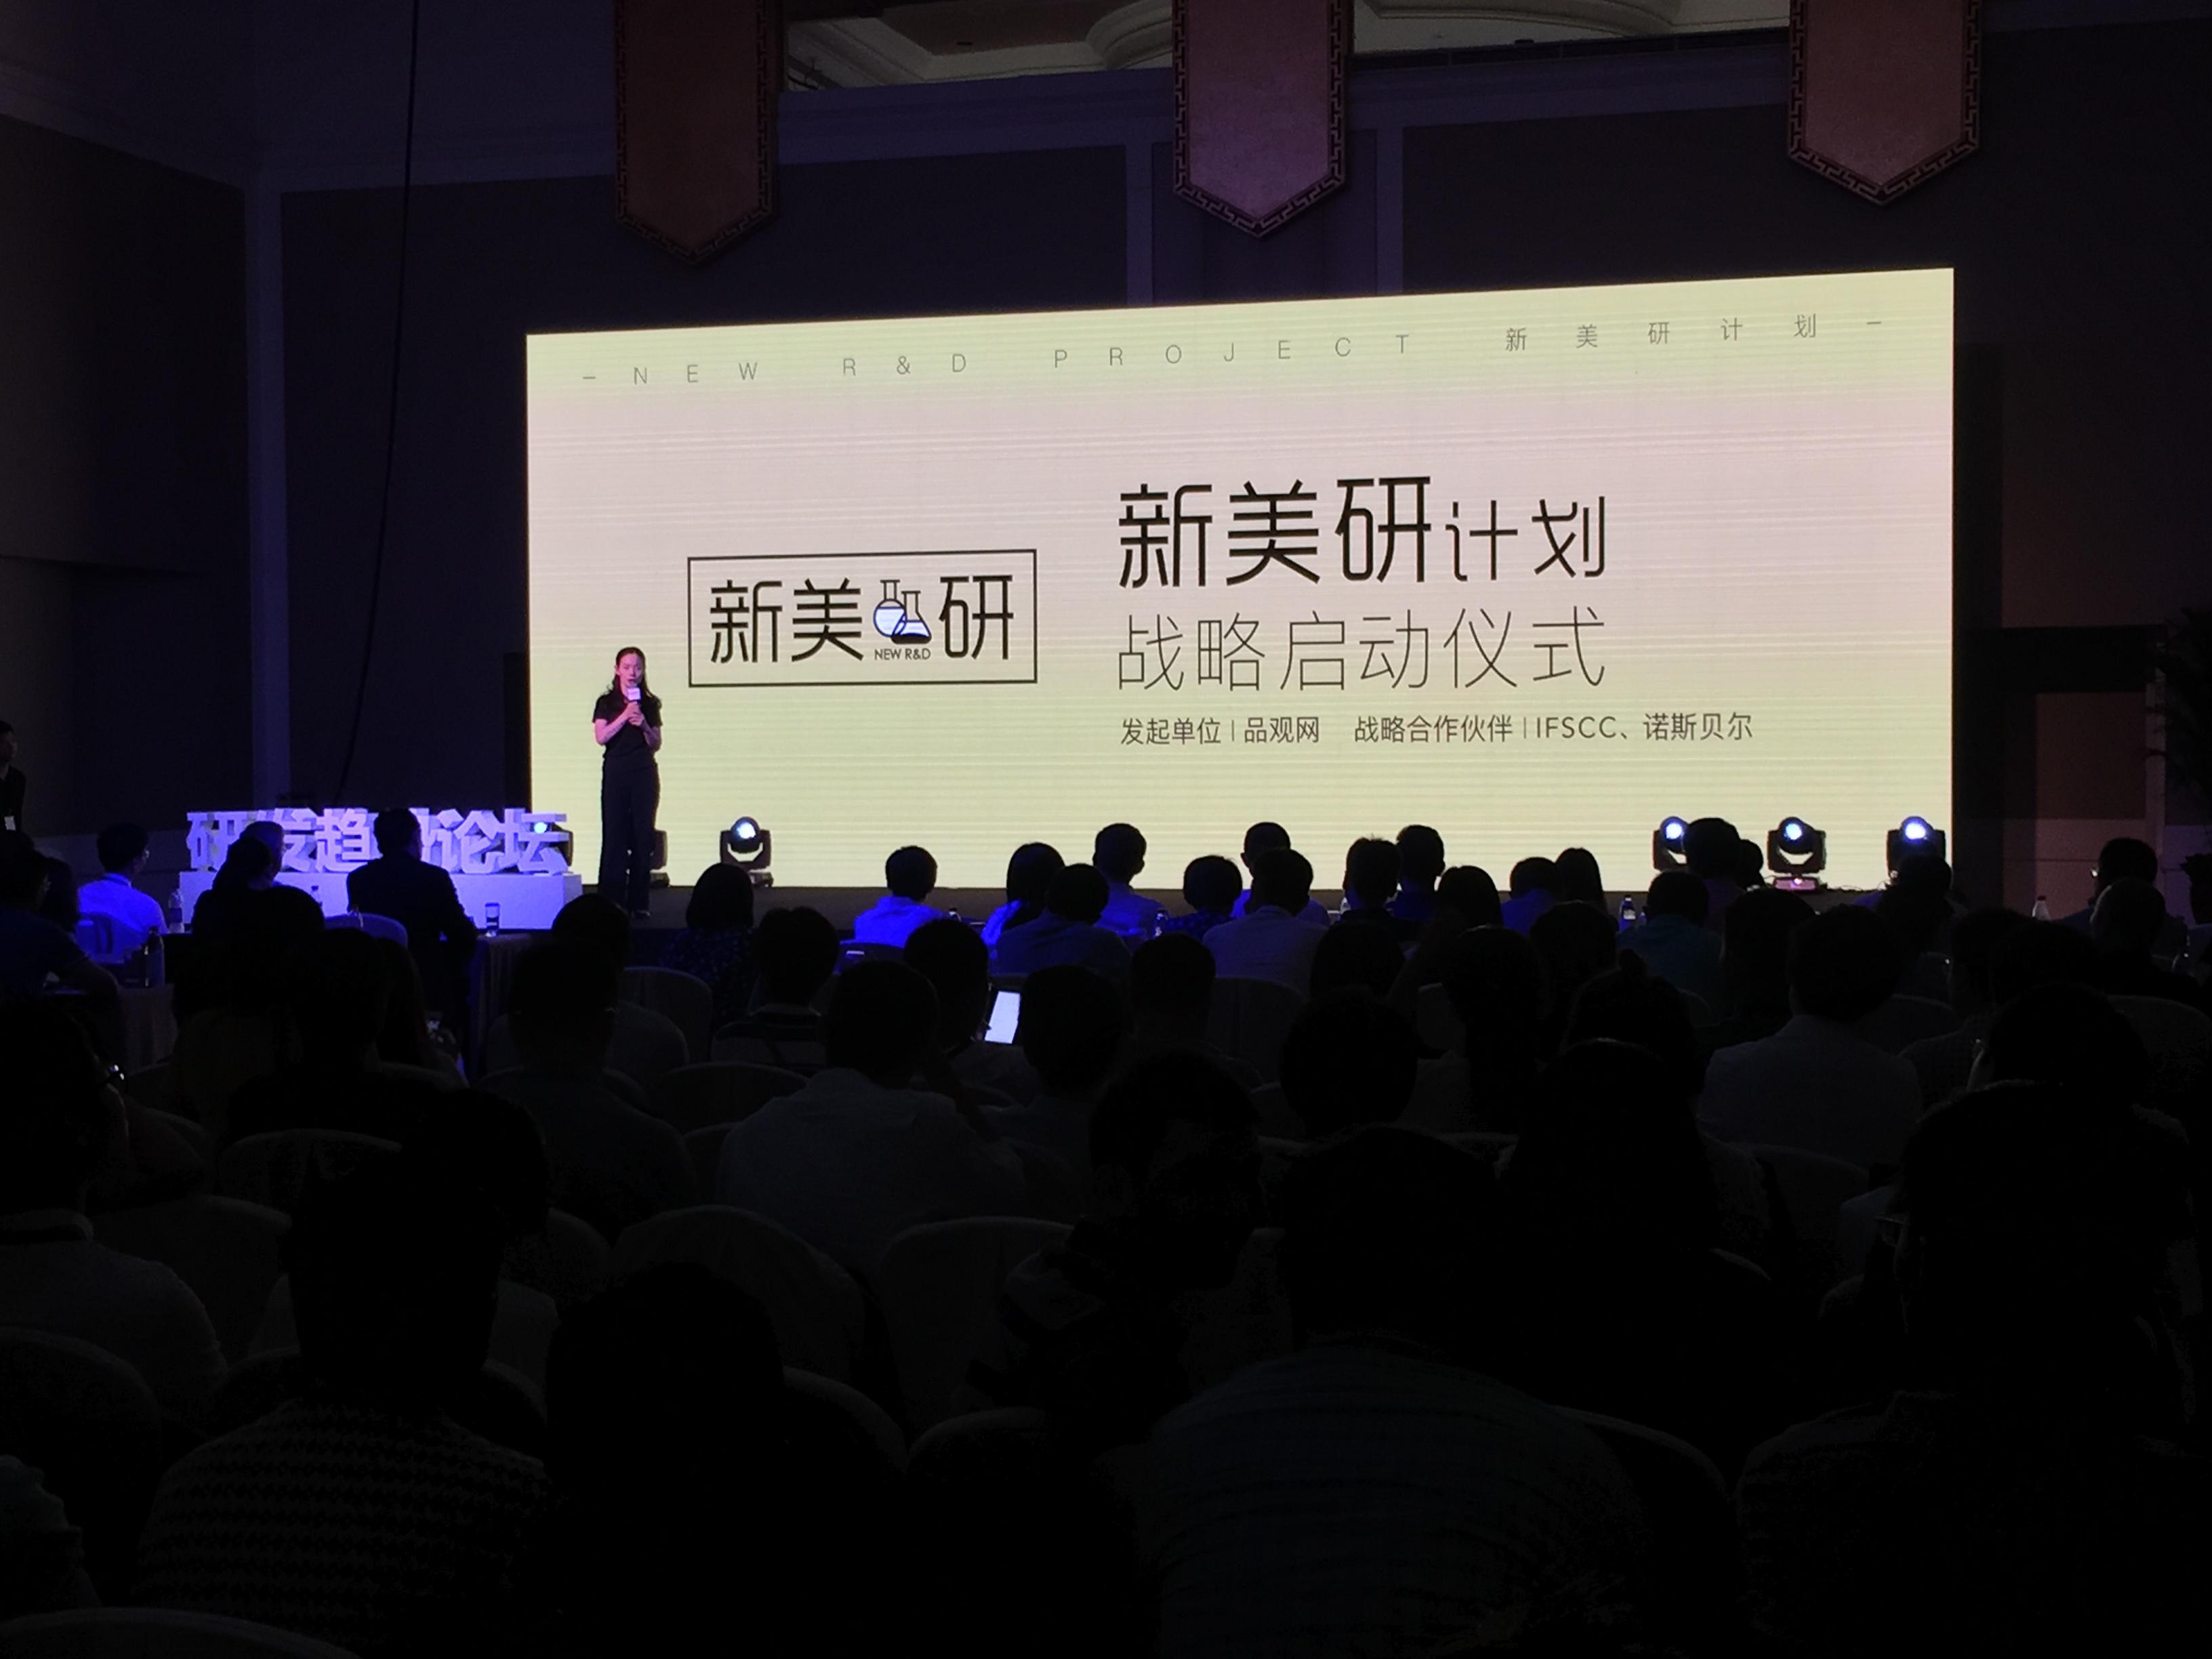 2017年中国化妆品大会 新美研计划战略启动仪式